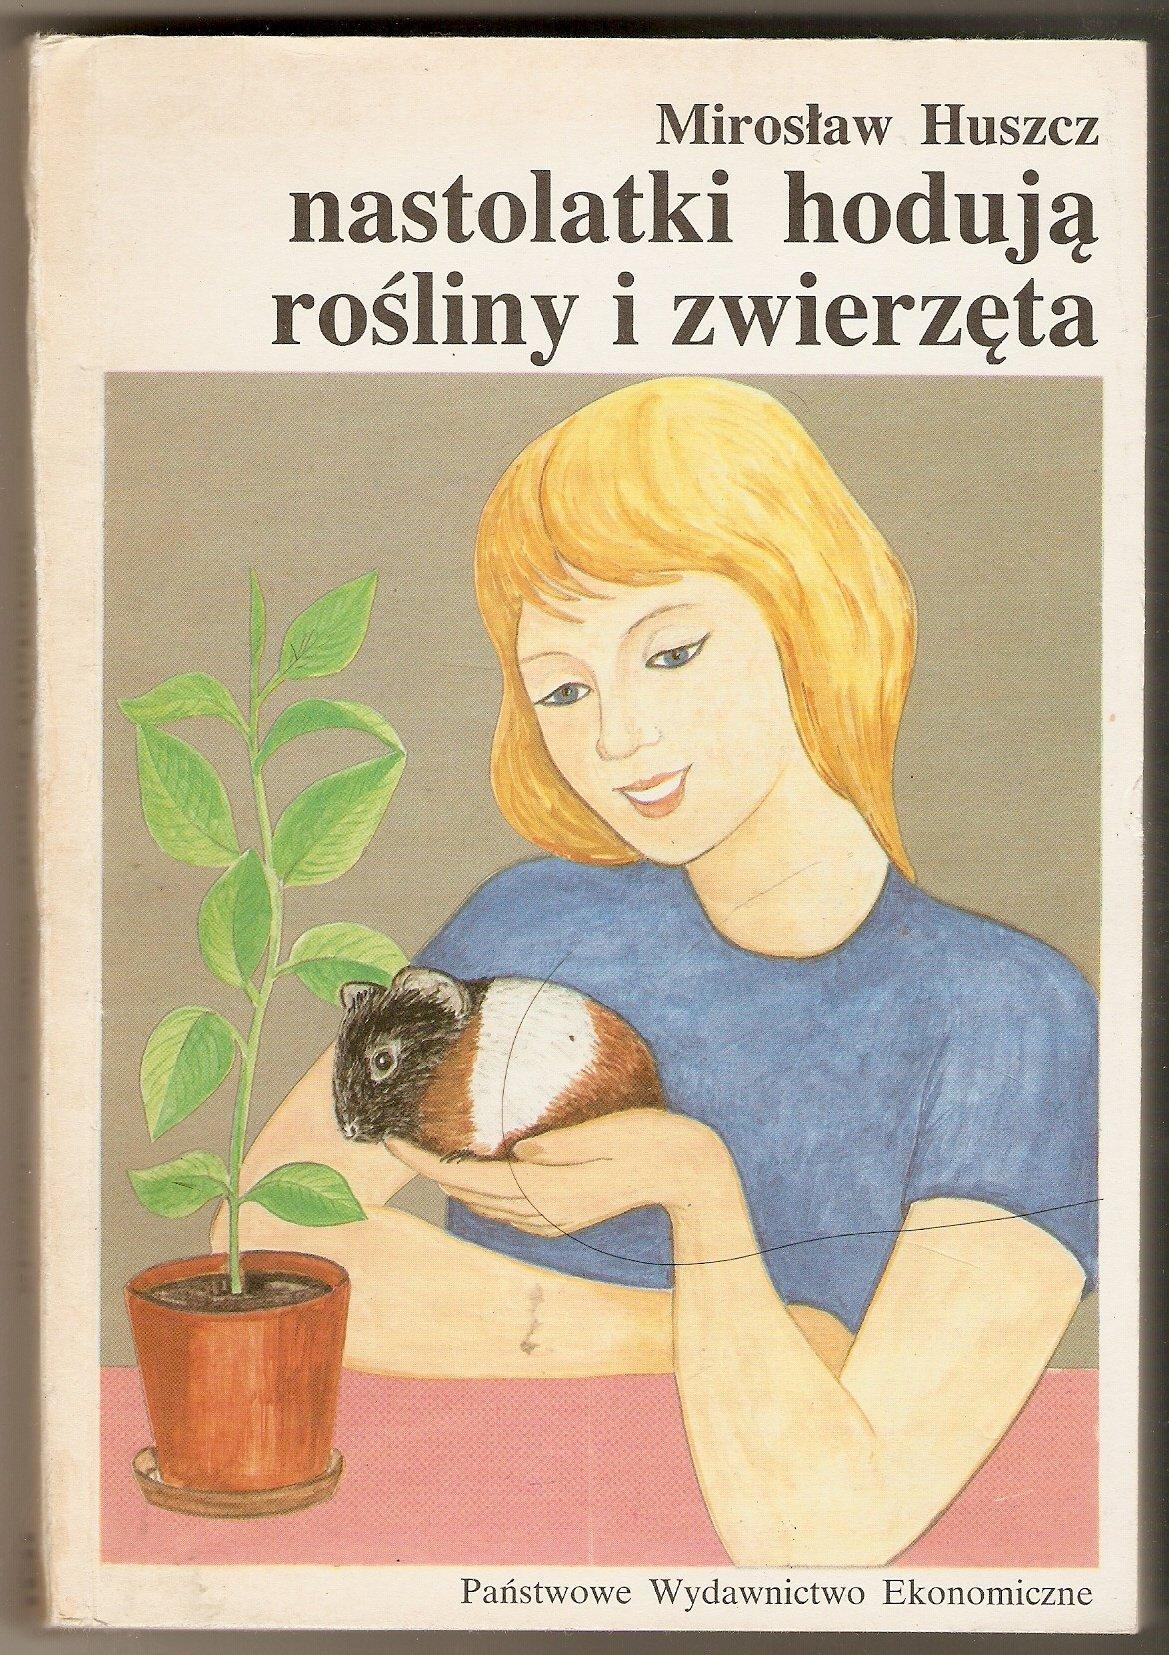 Znalezione obrazy dla zapytania Mirosław Huszcz Nastolatki hodują rośliny i zwierzęta